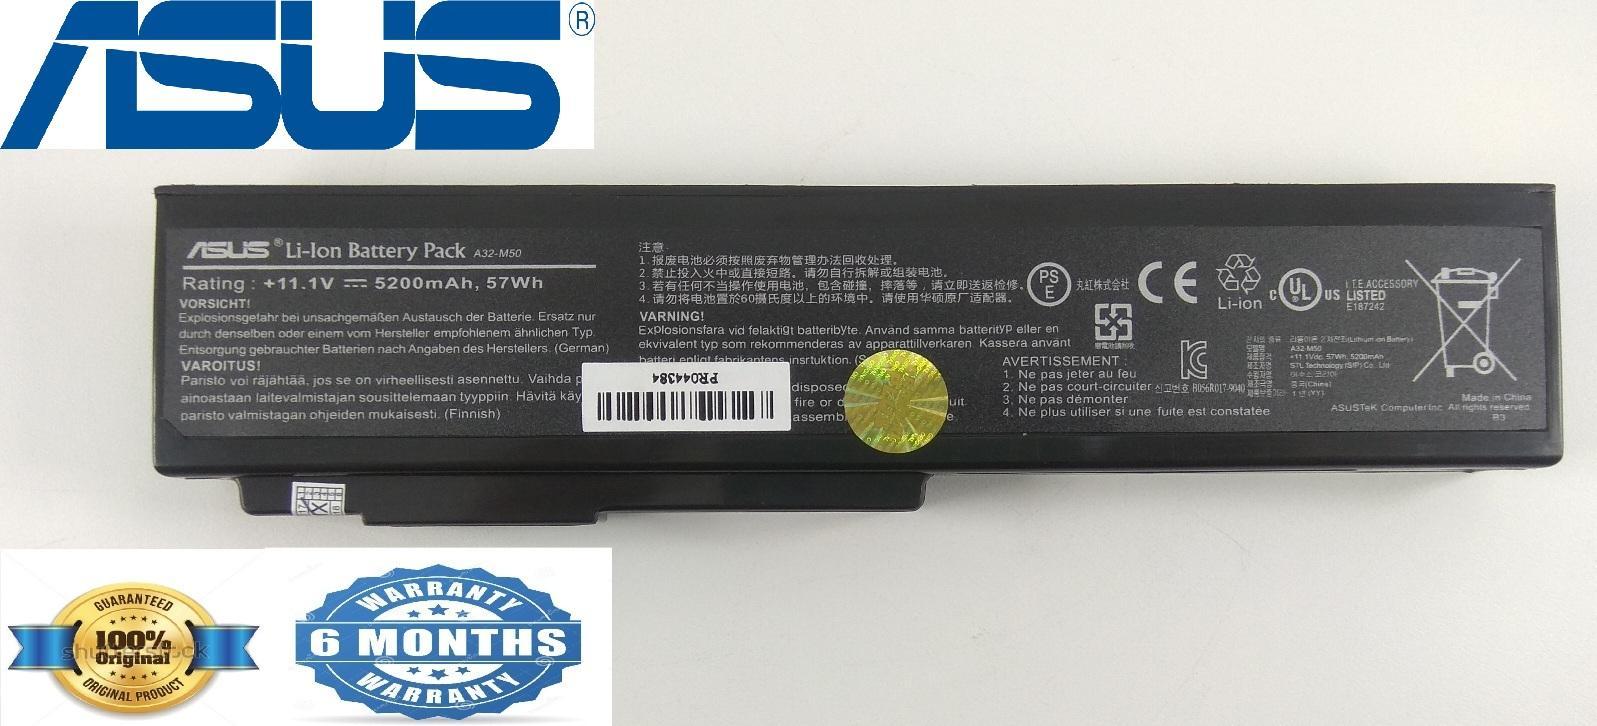 Asus Original Baterai Laptop N43, N43s N43SL, N43SN, M50, M500, M60, M60j, N52, N52A, N52J, N53 SPECIAL